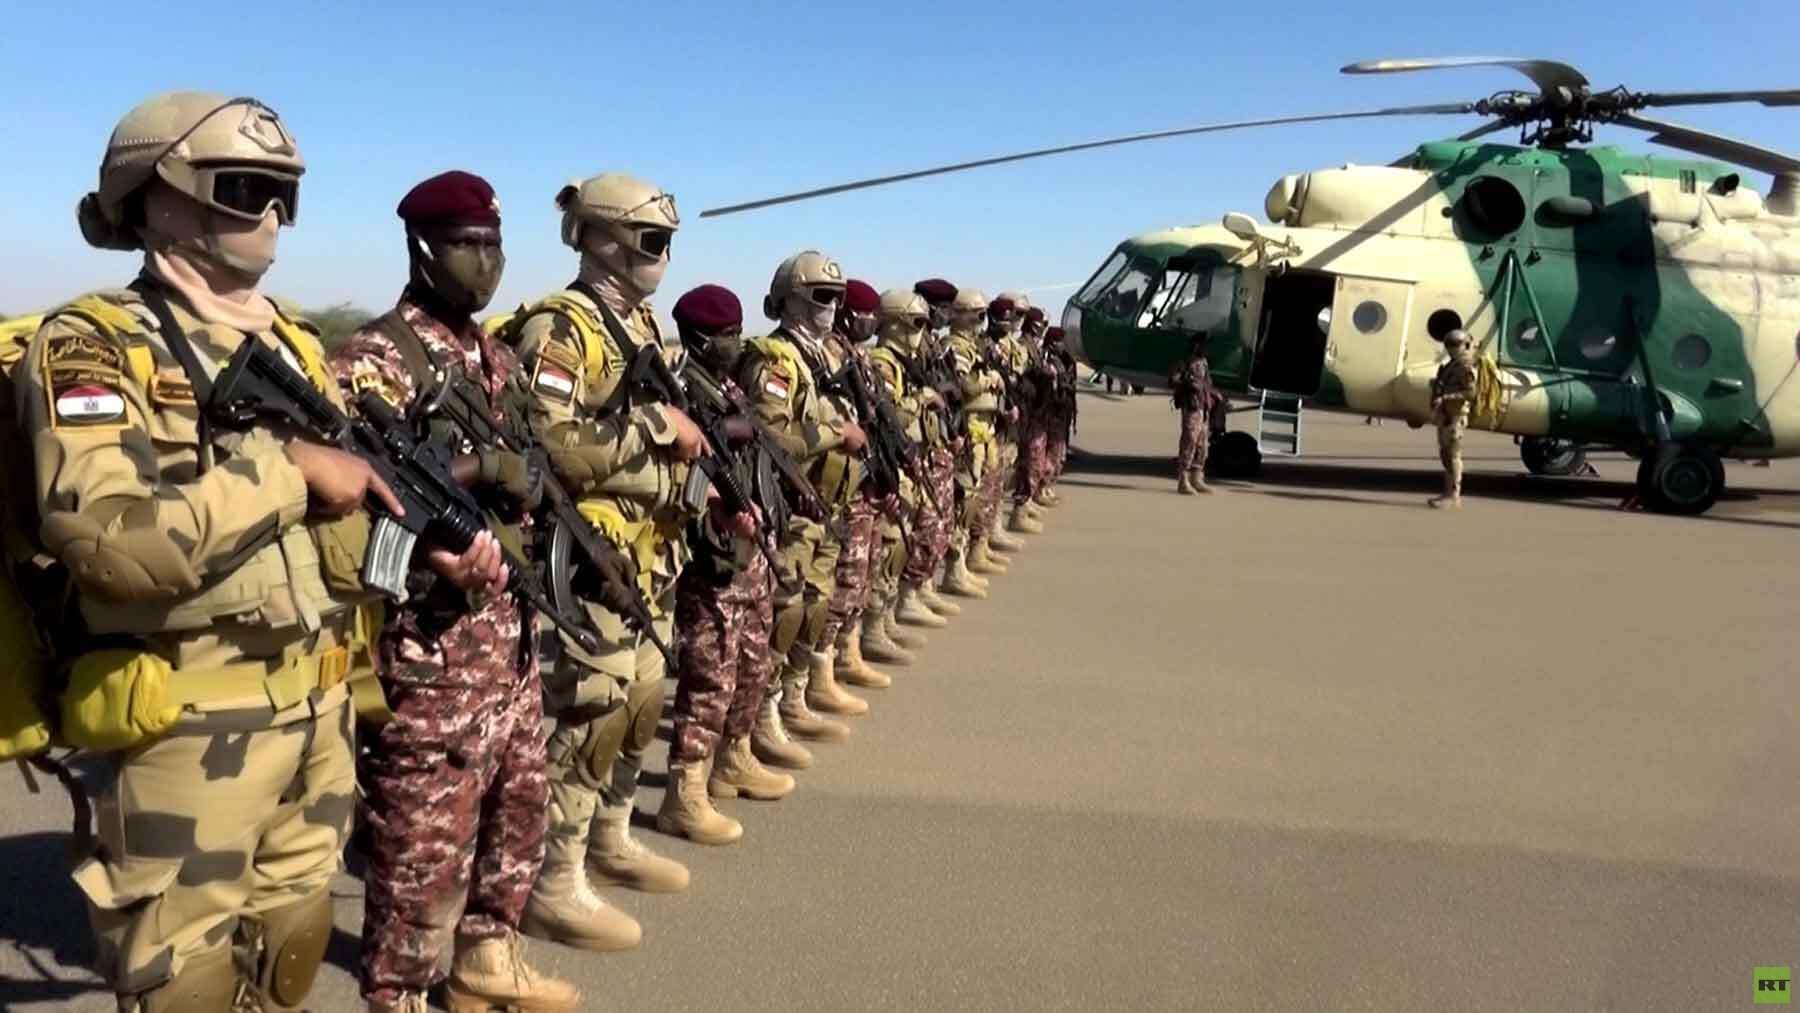 القوات المصرية والسودانية تنهي تدريبا لسلاح الجو يتضمن مهام الاعتراض وتنفيذ هجمات